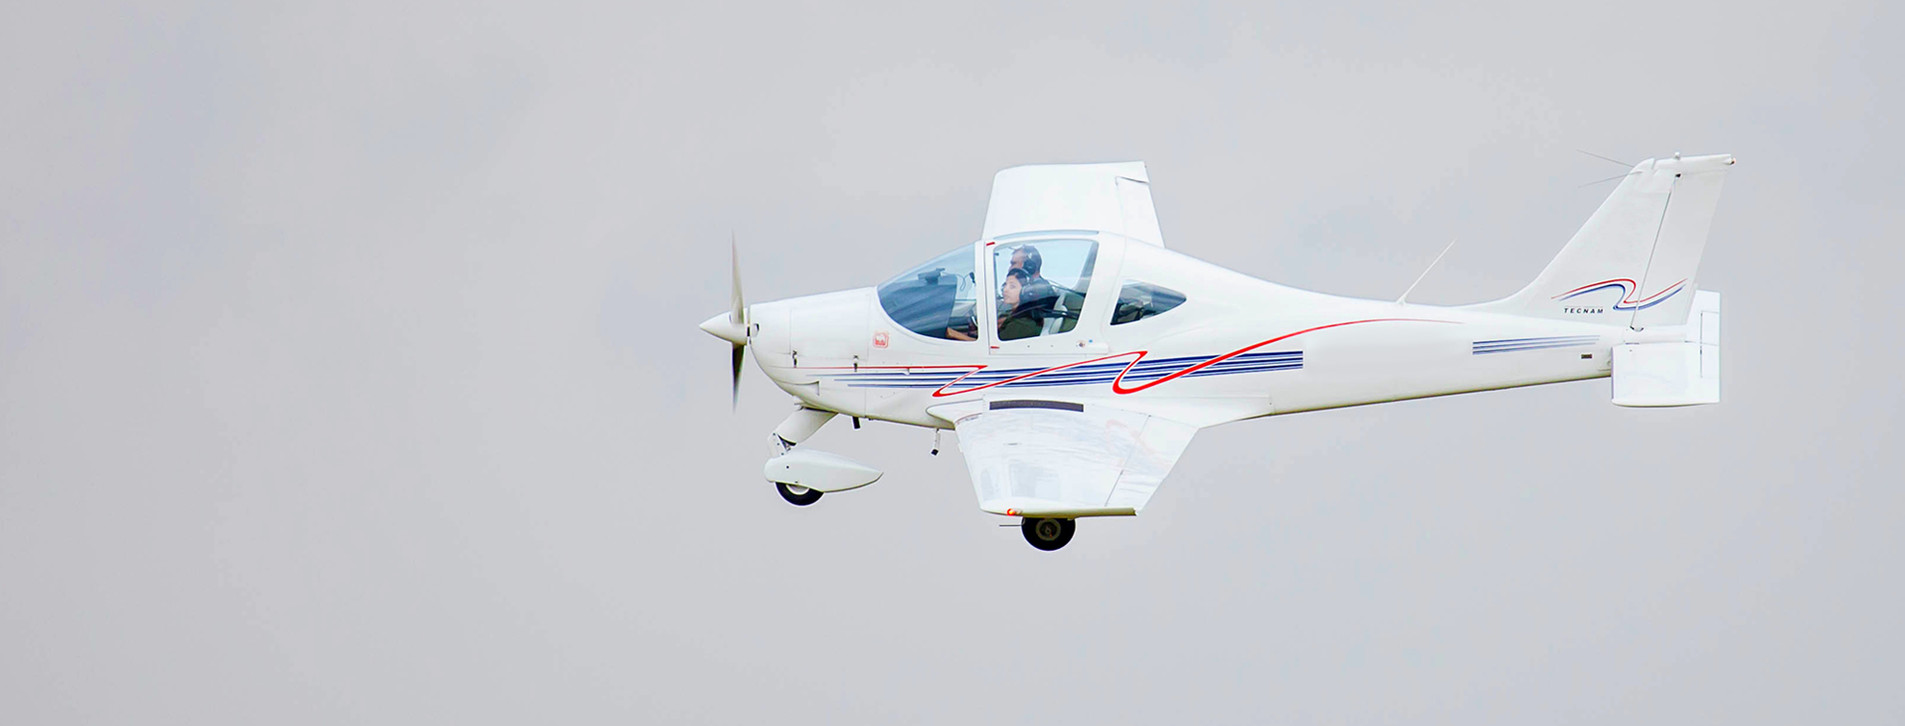 Фото - Затяжний навчальний політ на літаку